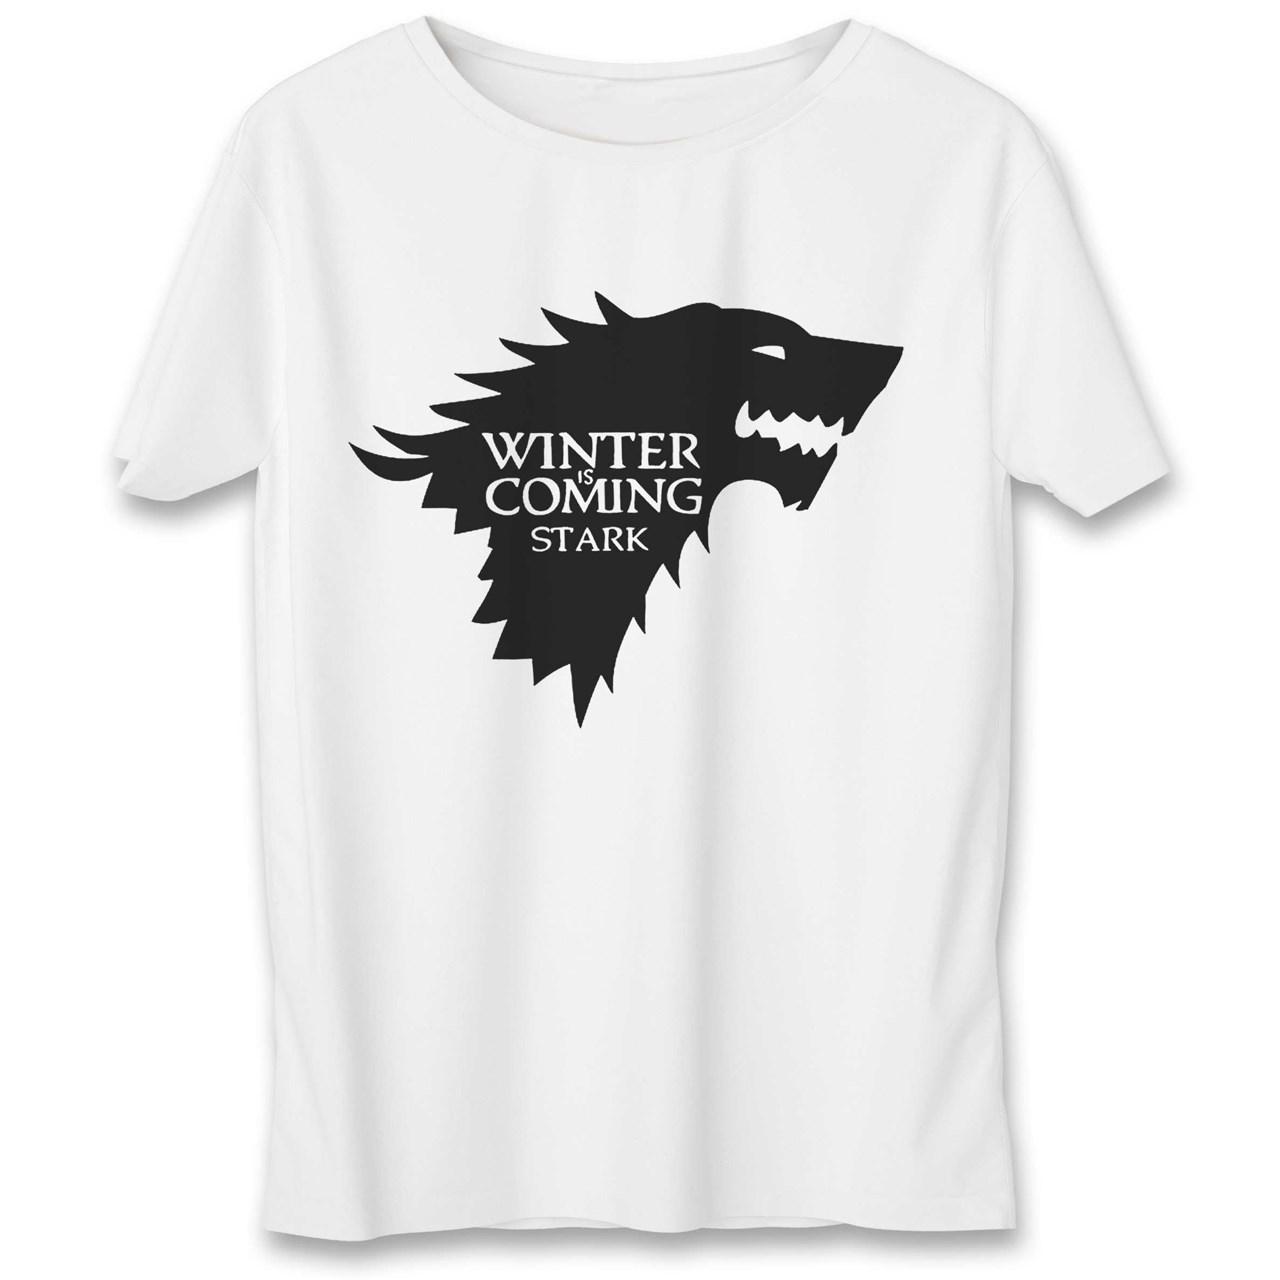 تی شرت یورپرینت به رسم طرح بازی تاج و تخت کد 323